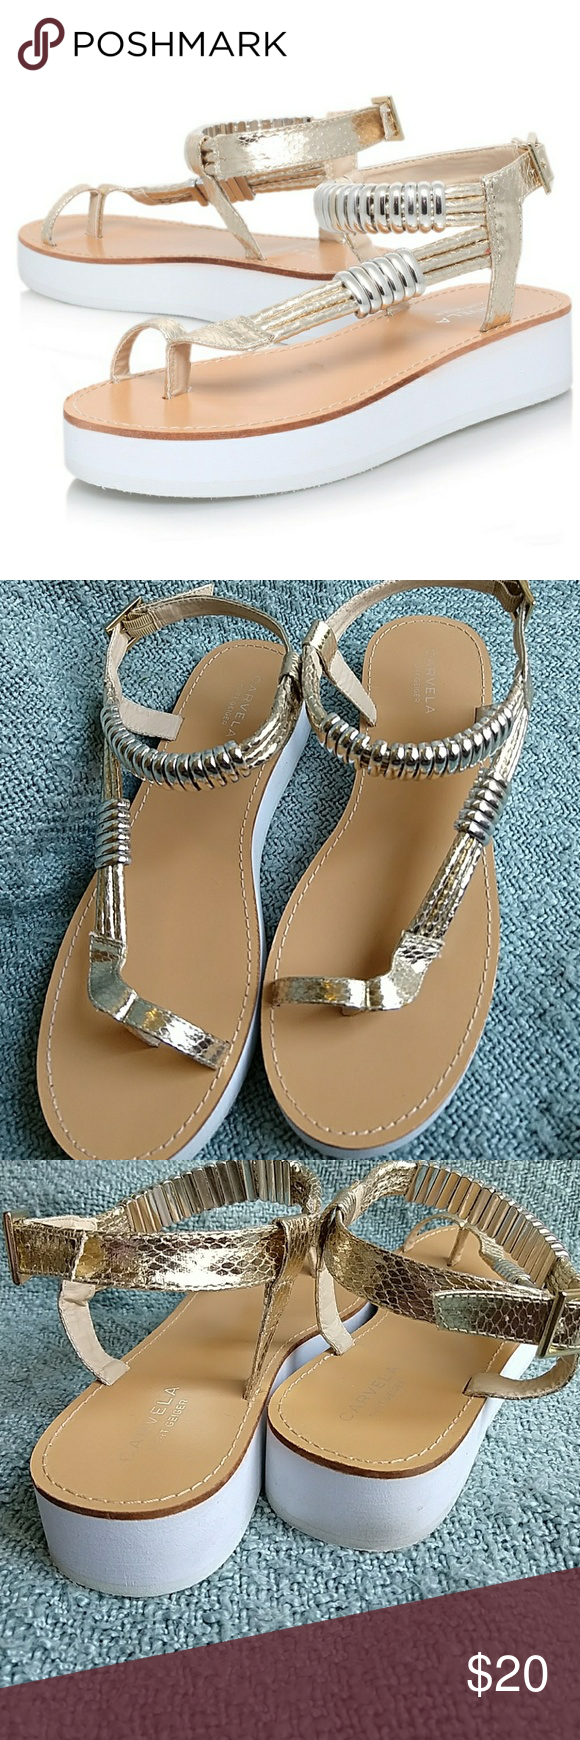 c7f8809fa29b Carvela flat platform sandals in gold and white Carvela by Kurt geiger